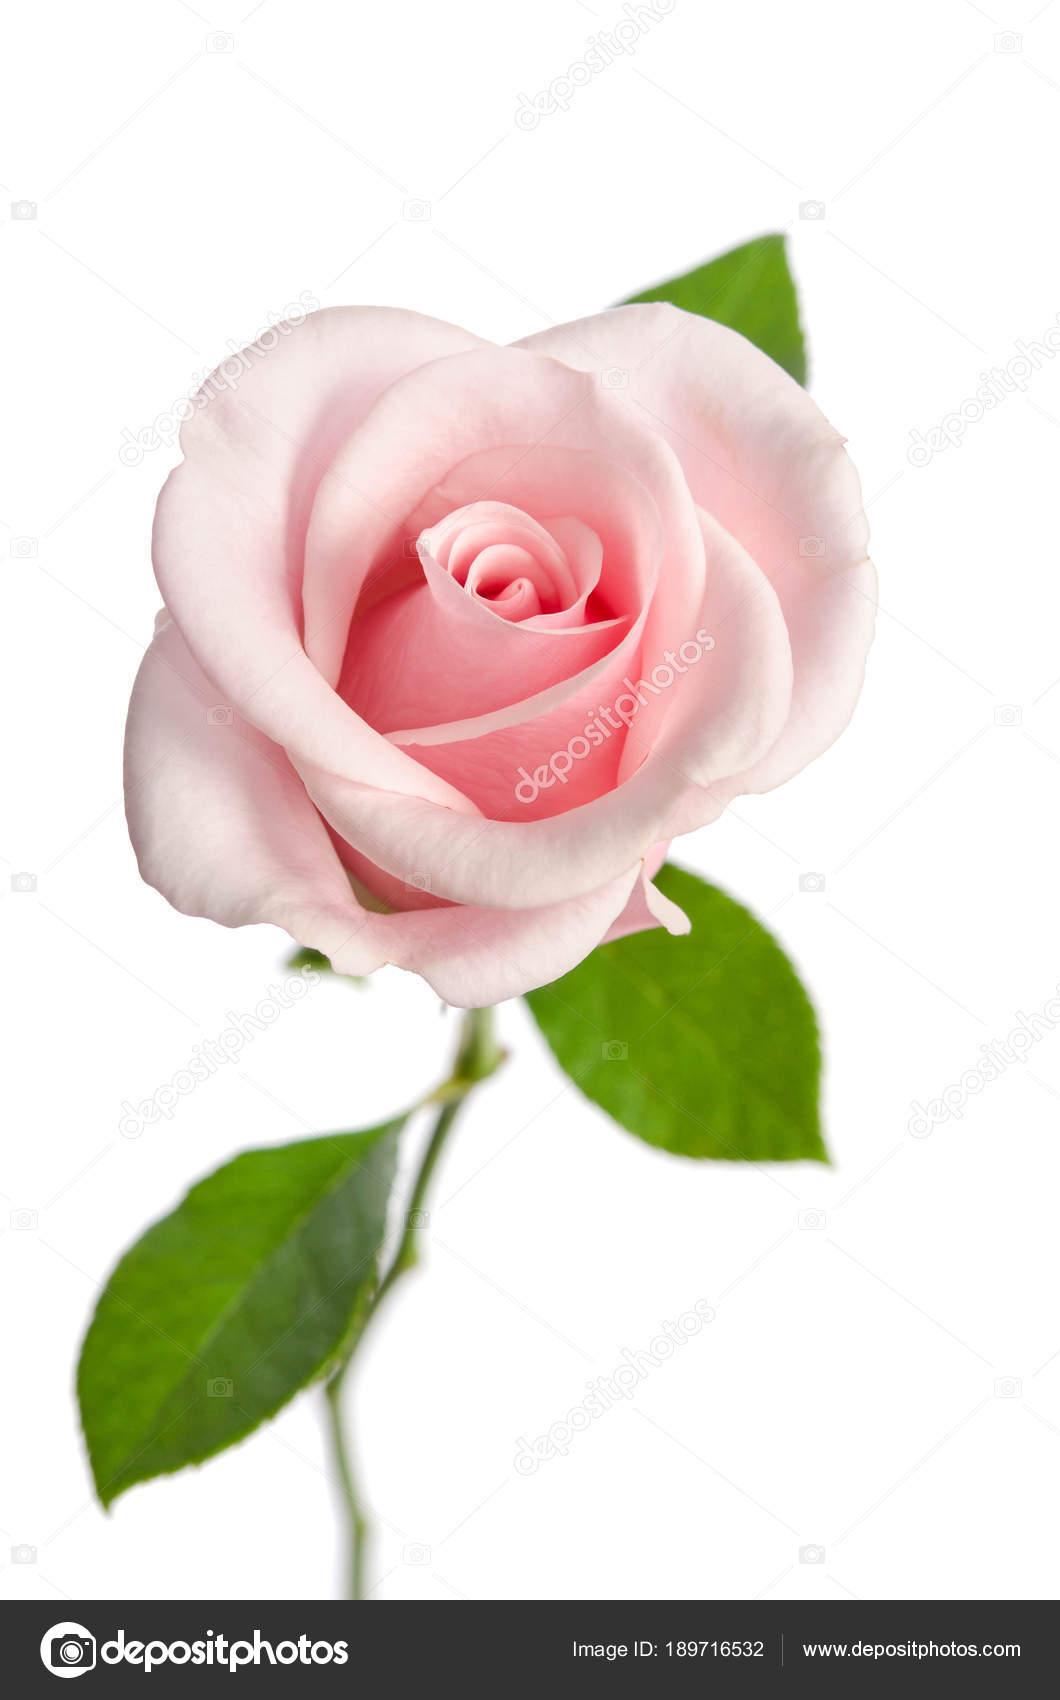 single pink rose isolated on white background stock photo